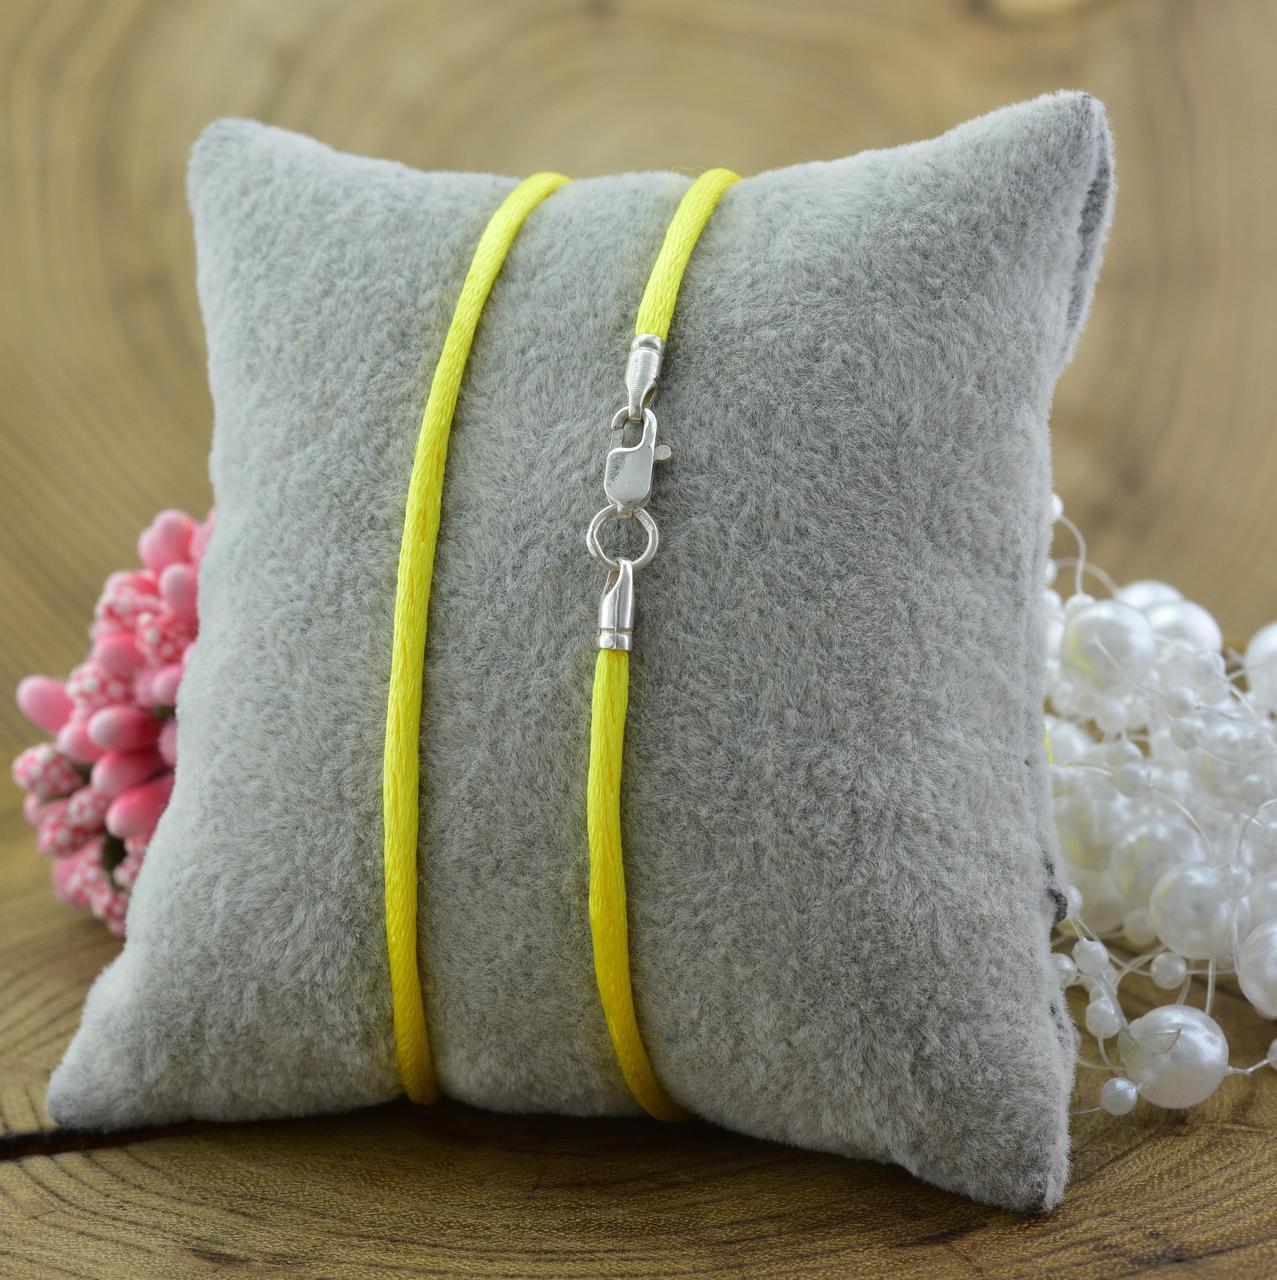 Шнурок шелковый цвет лимонный длина 50 см ширина 2 мм вес серебра 0.7 г